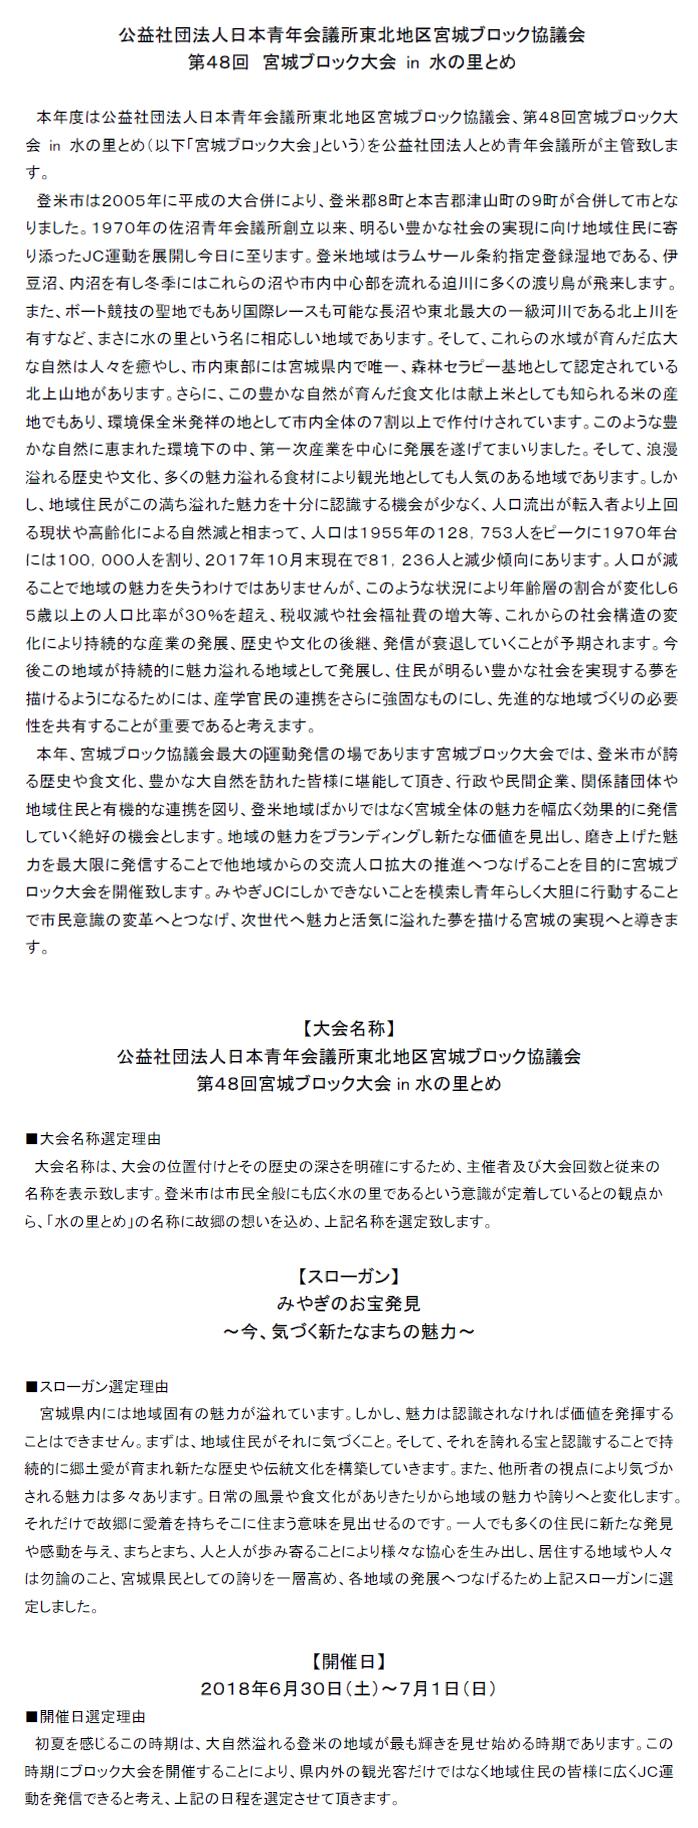 miyagi_block